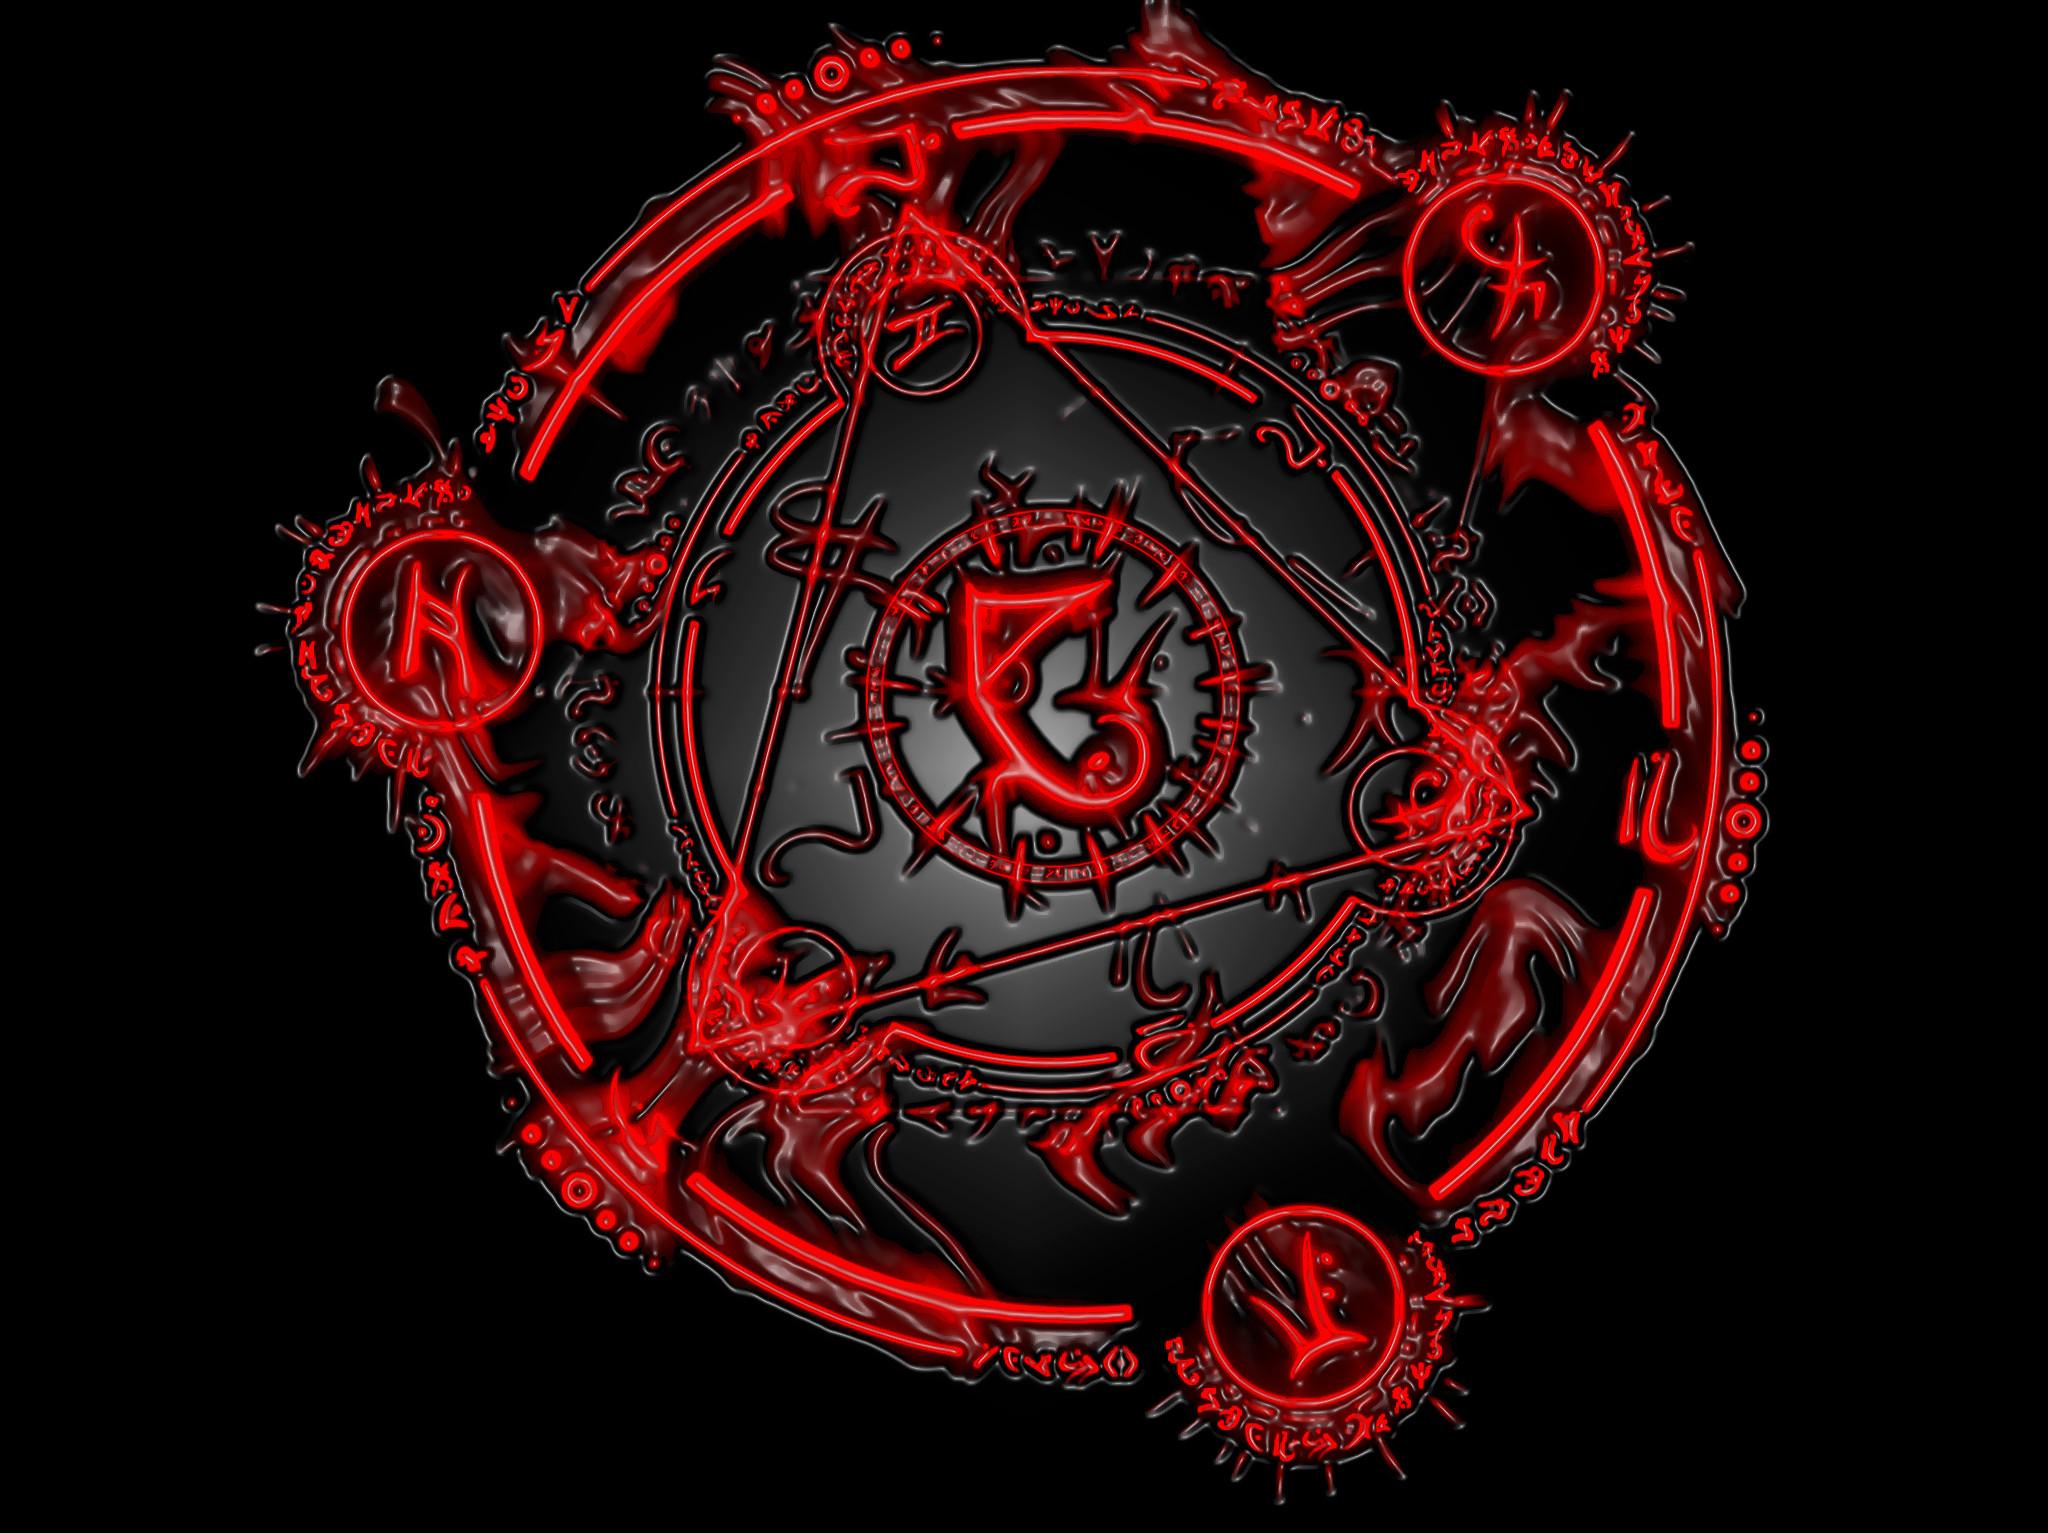 Dark horror occult evil symbol wallpaper     29067   WallpaperUP